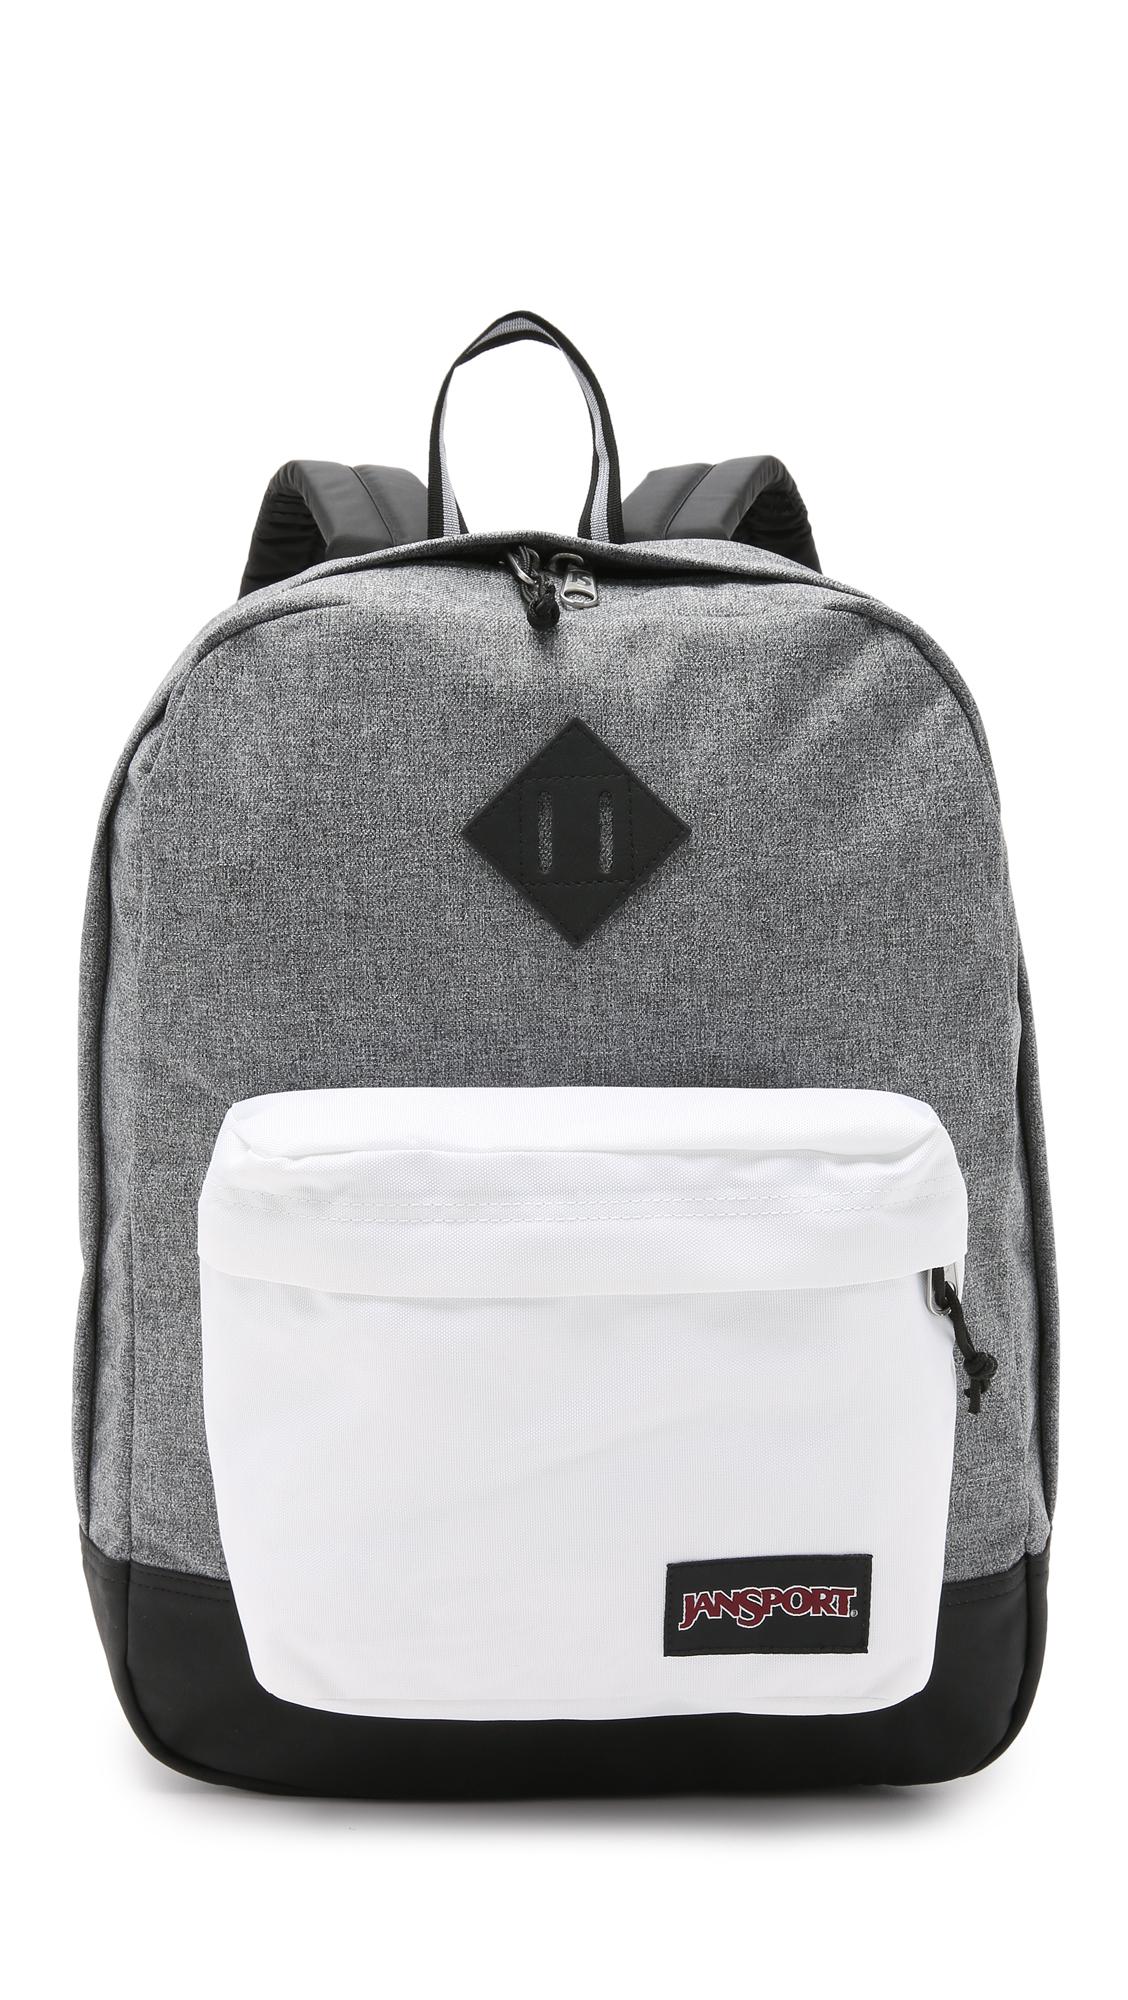 White Jansport Backpack - Crazy Backpacks